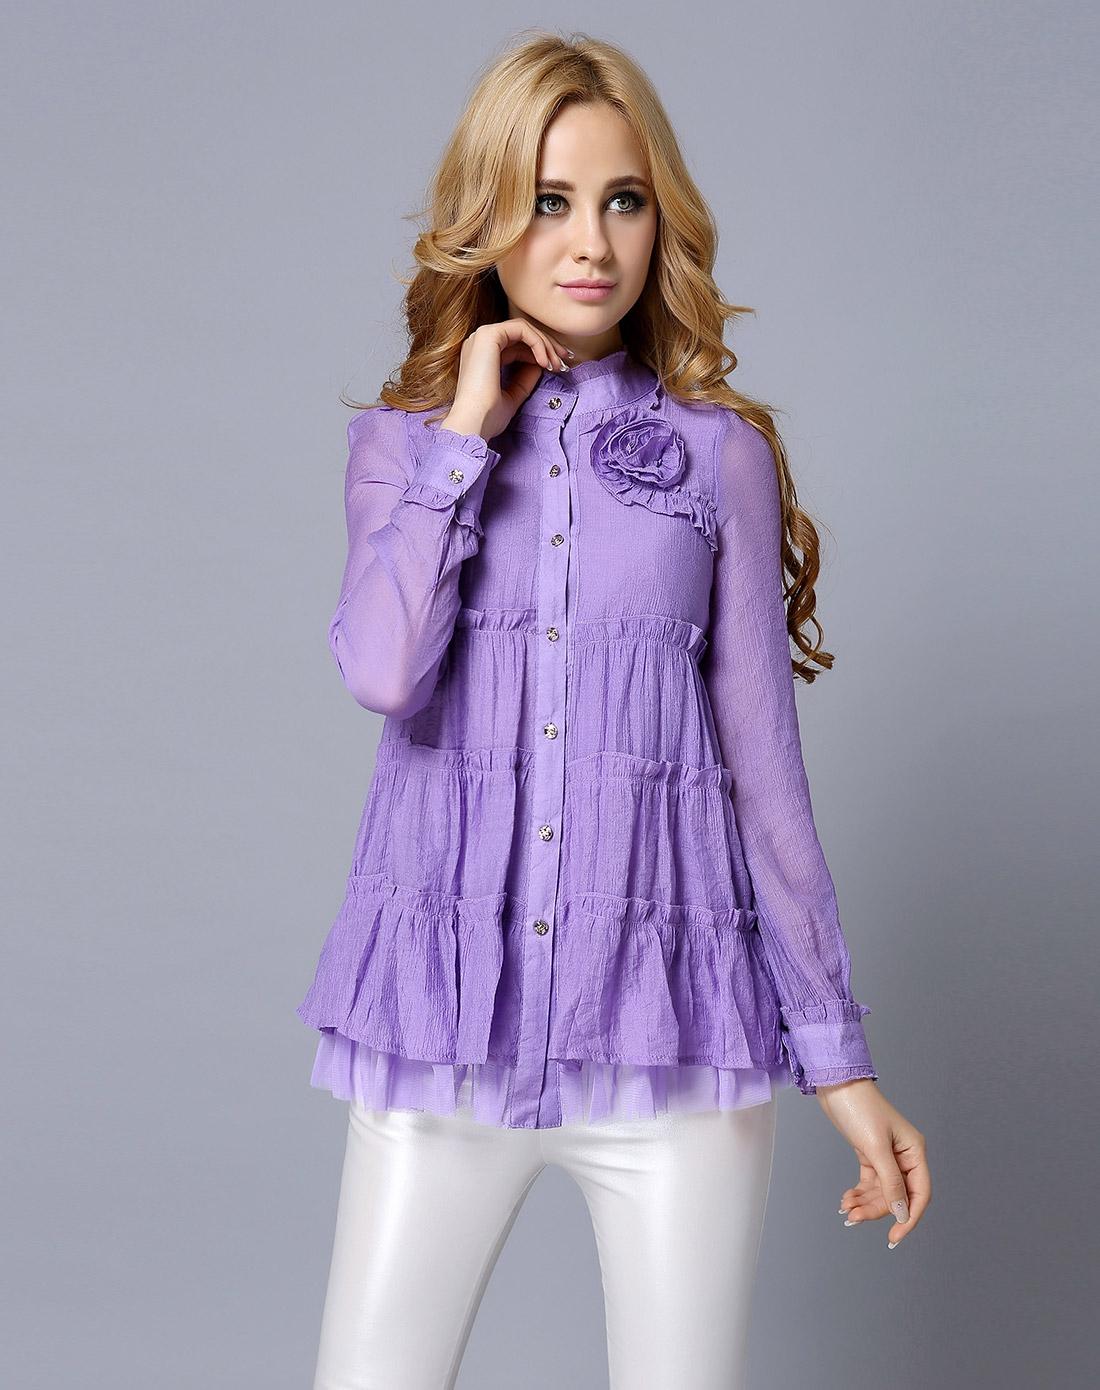 紫色半裙配什么上衣_紫色波浪纹上衣